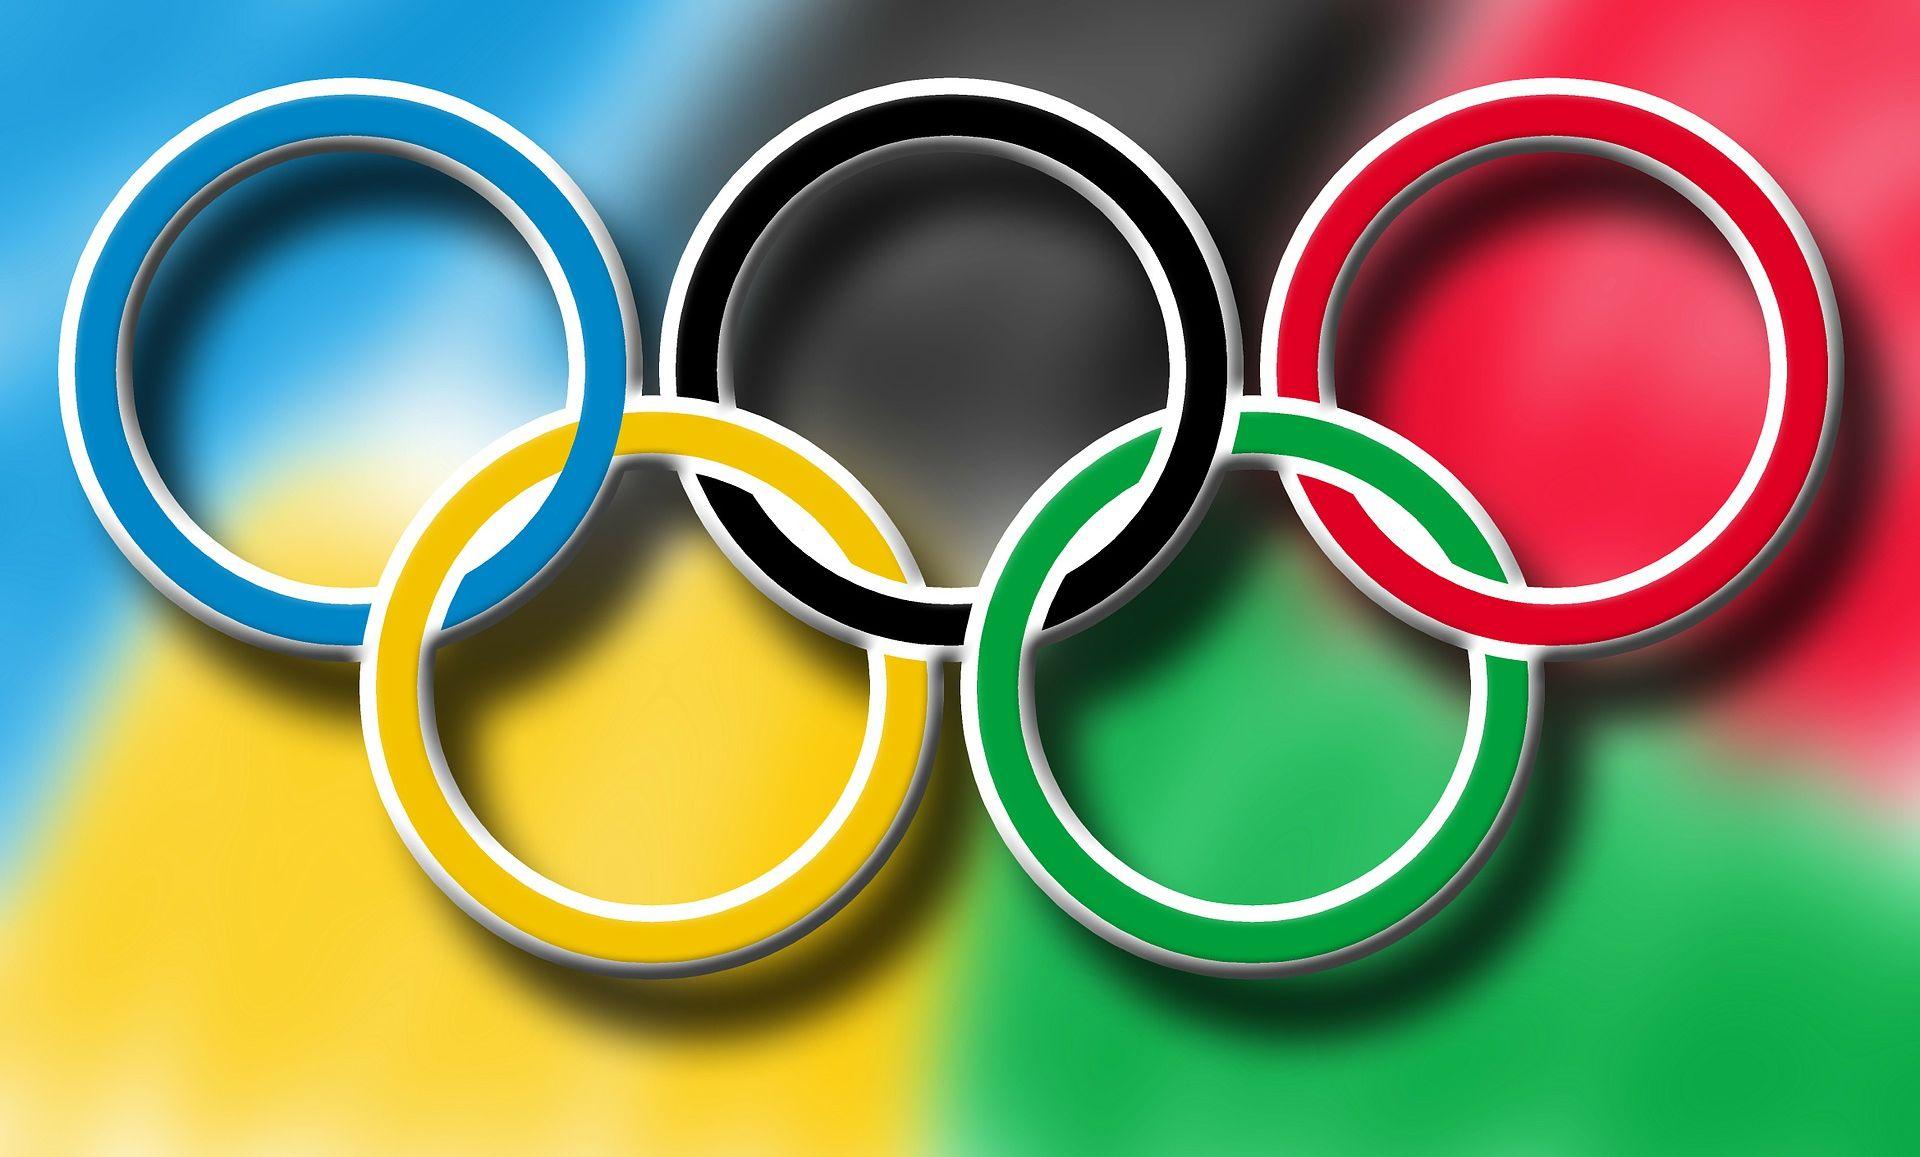 RUSKI OLIMPIJSKI ODBOR Na OI u Pekingu 14 dopingiranih ruskih sportaša